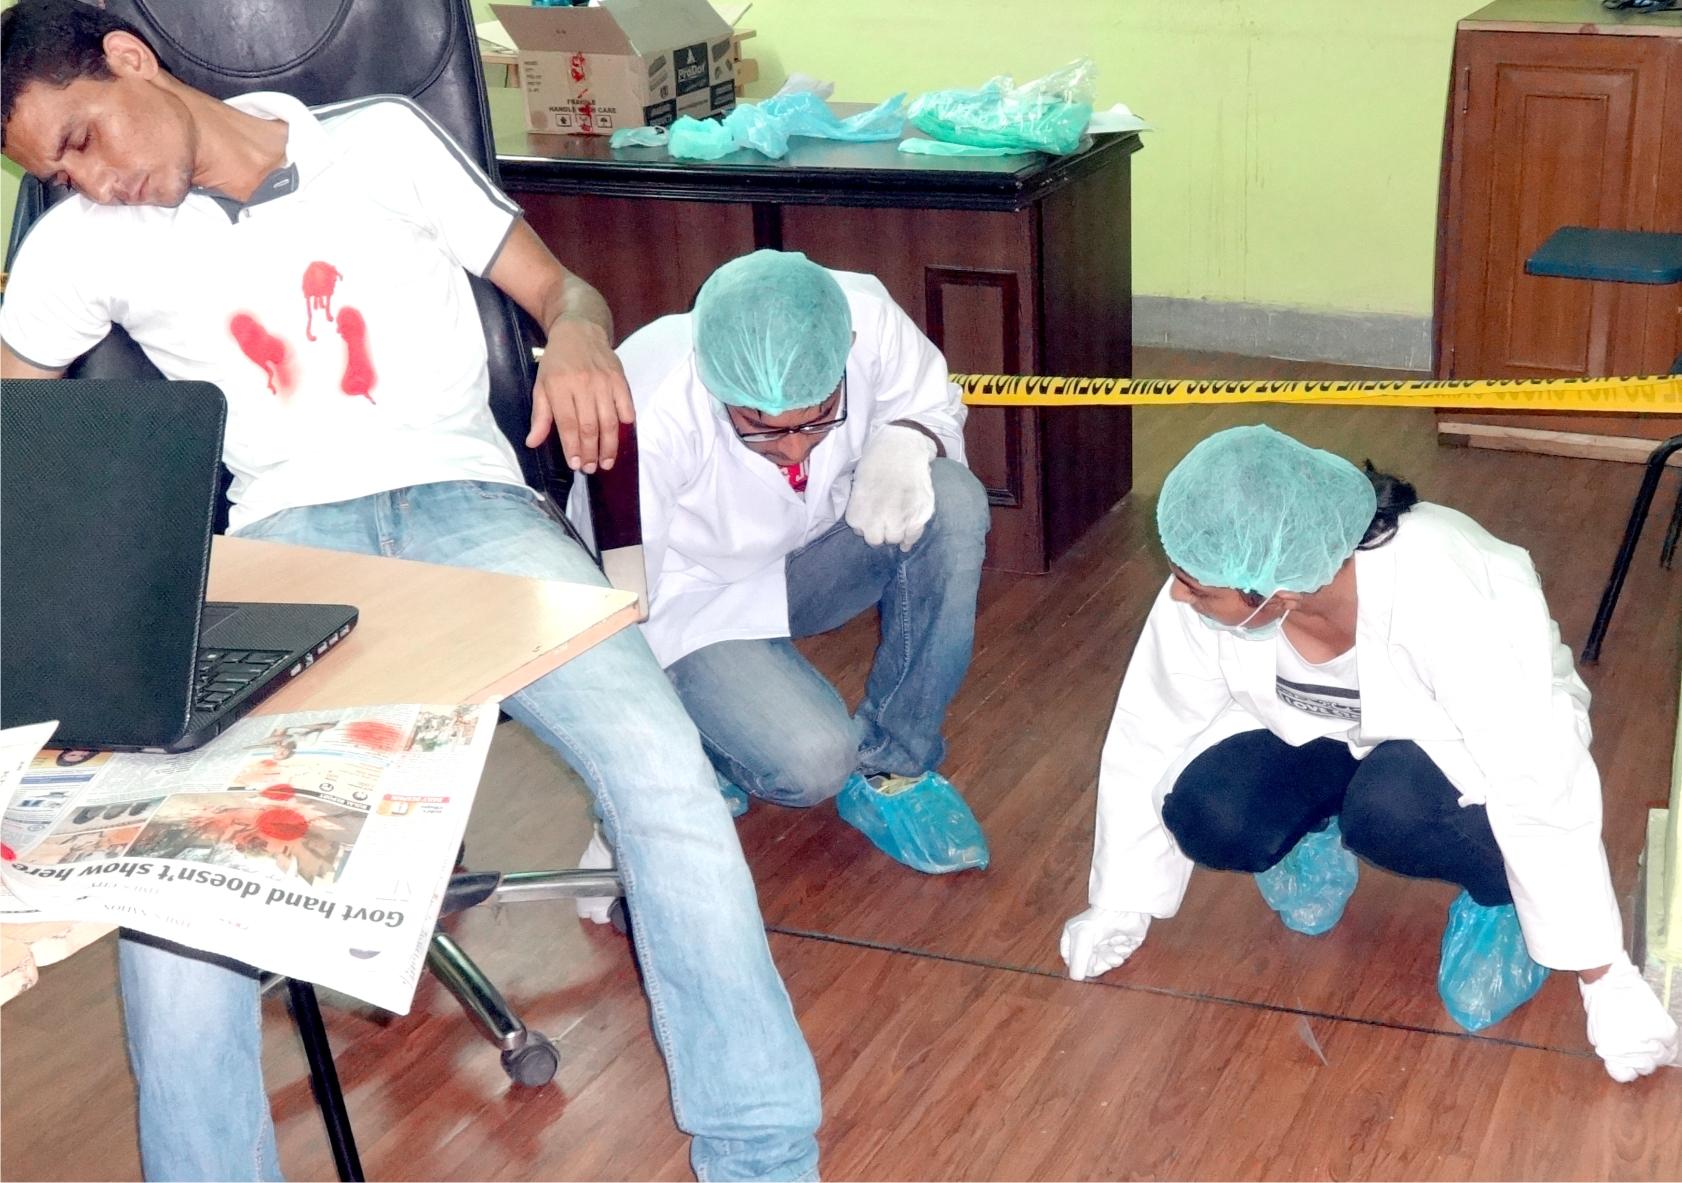 Indoor Crime Scene Investigation